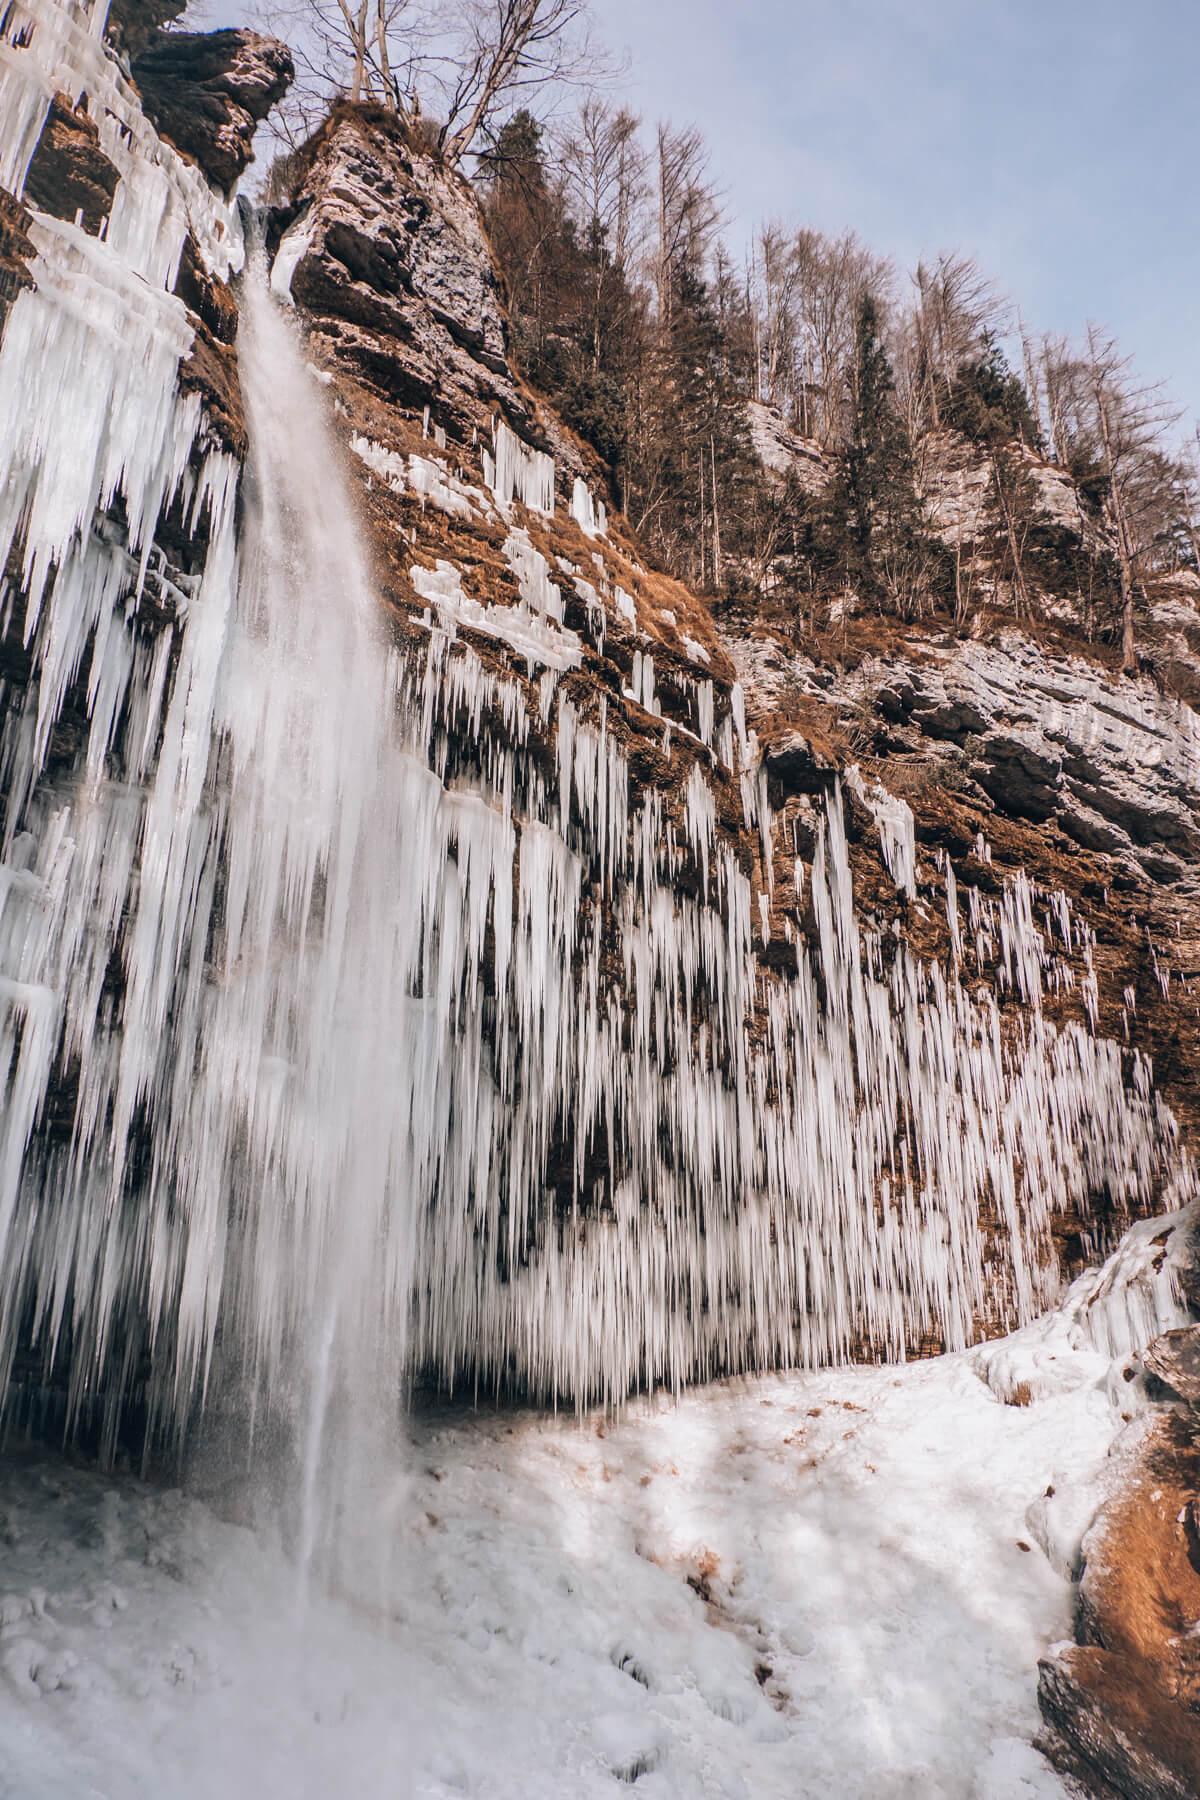 Pericnik waterfall